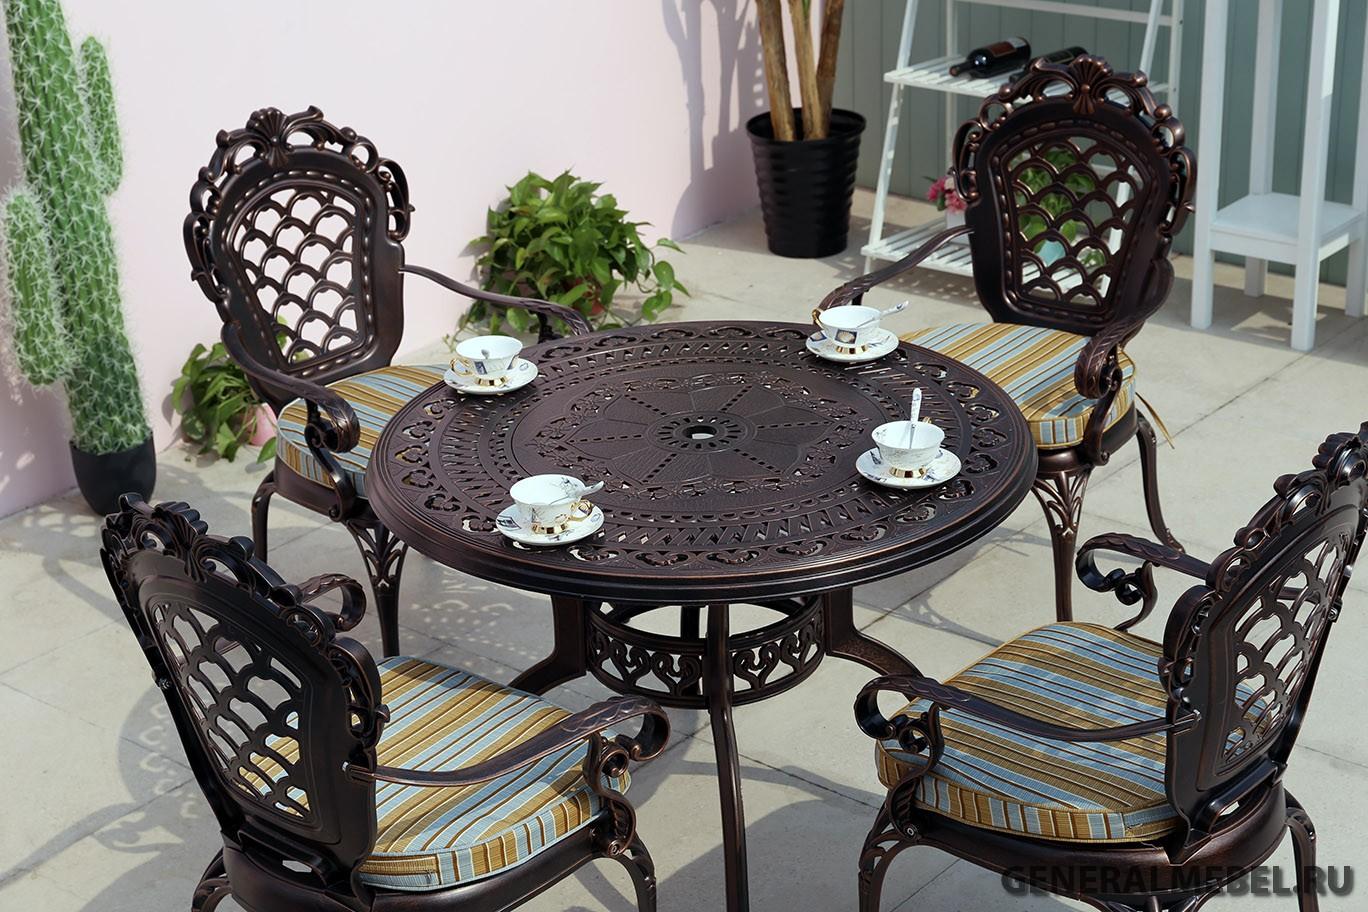 Садовая мебель из металла, стол и стулья из литого алюминия, кованая уличная мебель, чугунная мебель, столы и кресла из металла для кафе, дачная кованая мебель